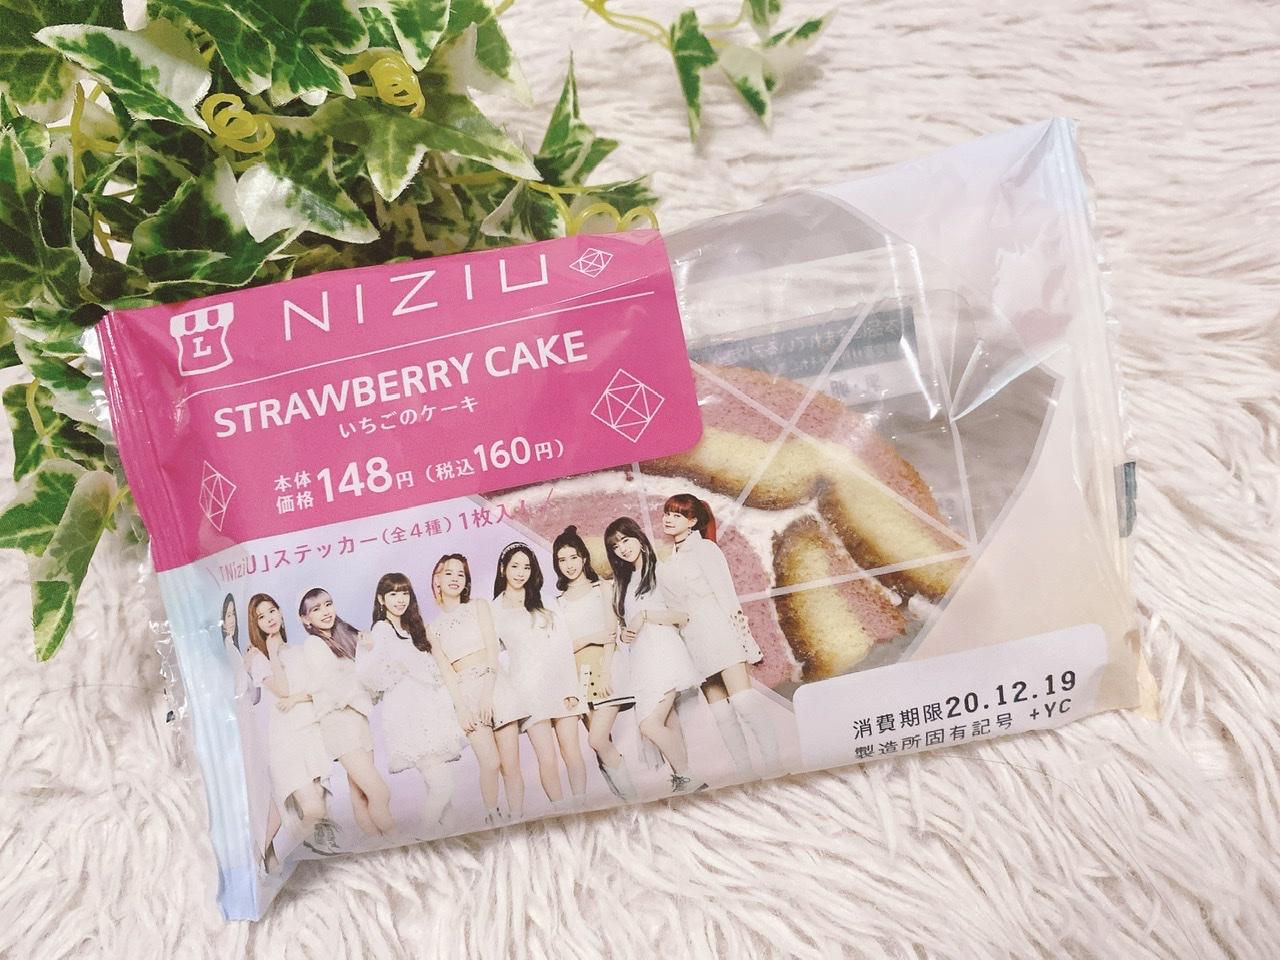 【ローソン×NiziU】第2弾も大人買い確定★ステッカー入り《いちごのケーキ》をゲット♡_1